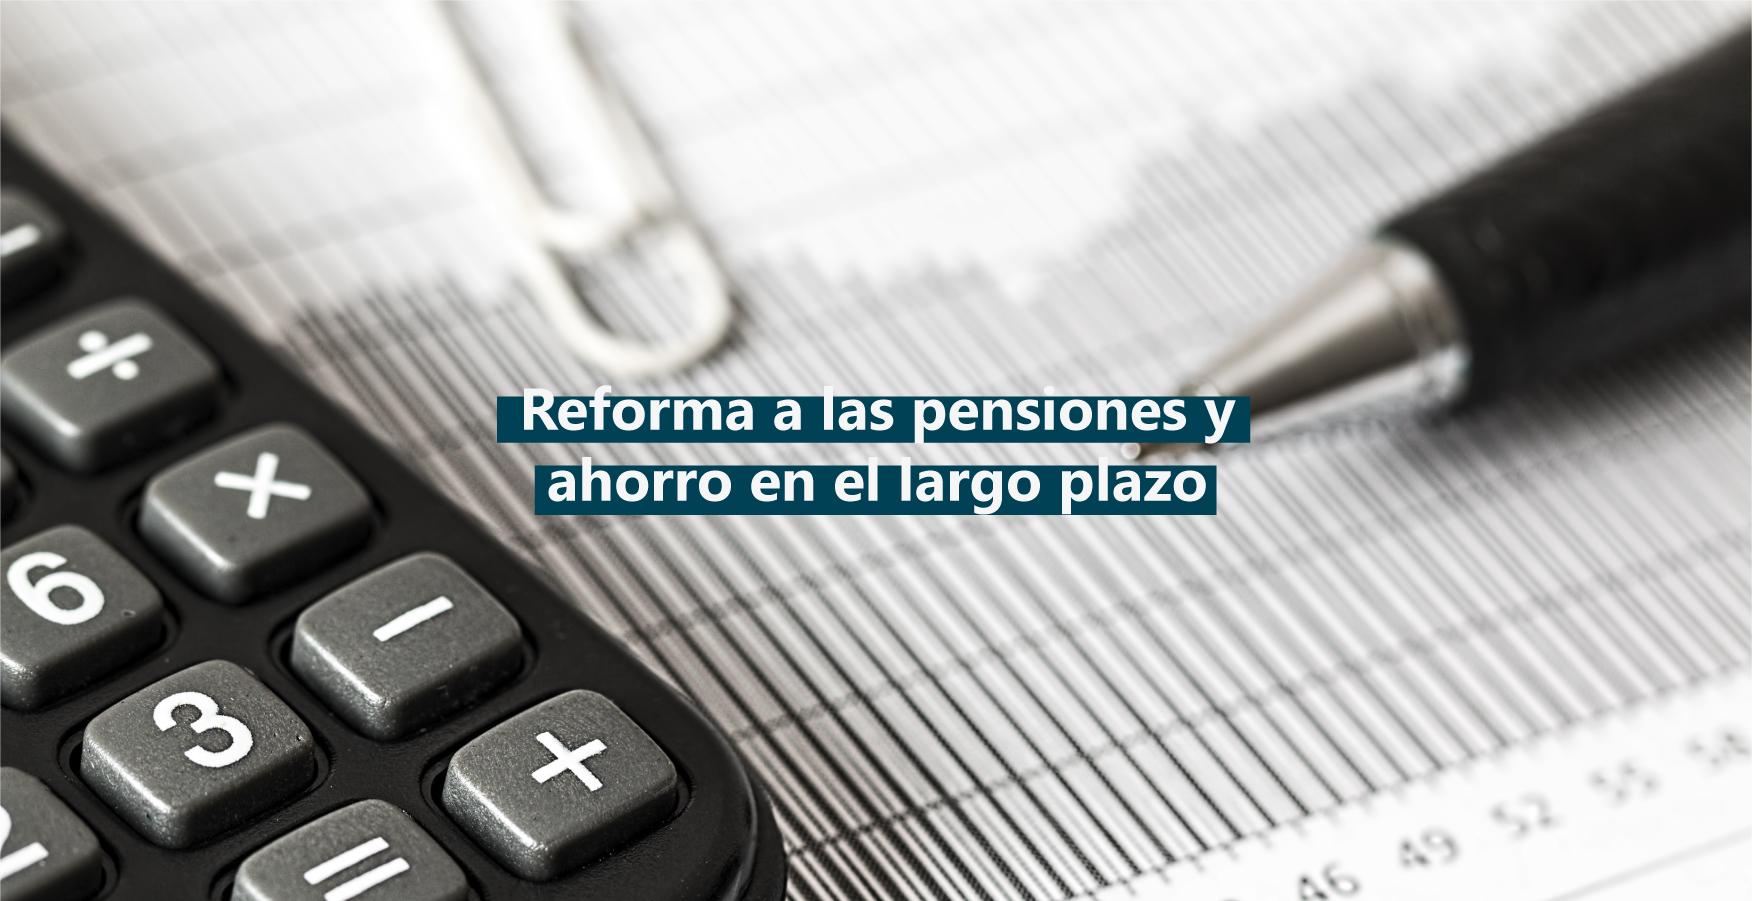 reforma-pensiones-1